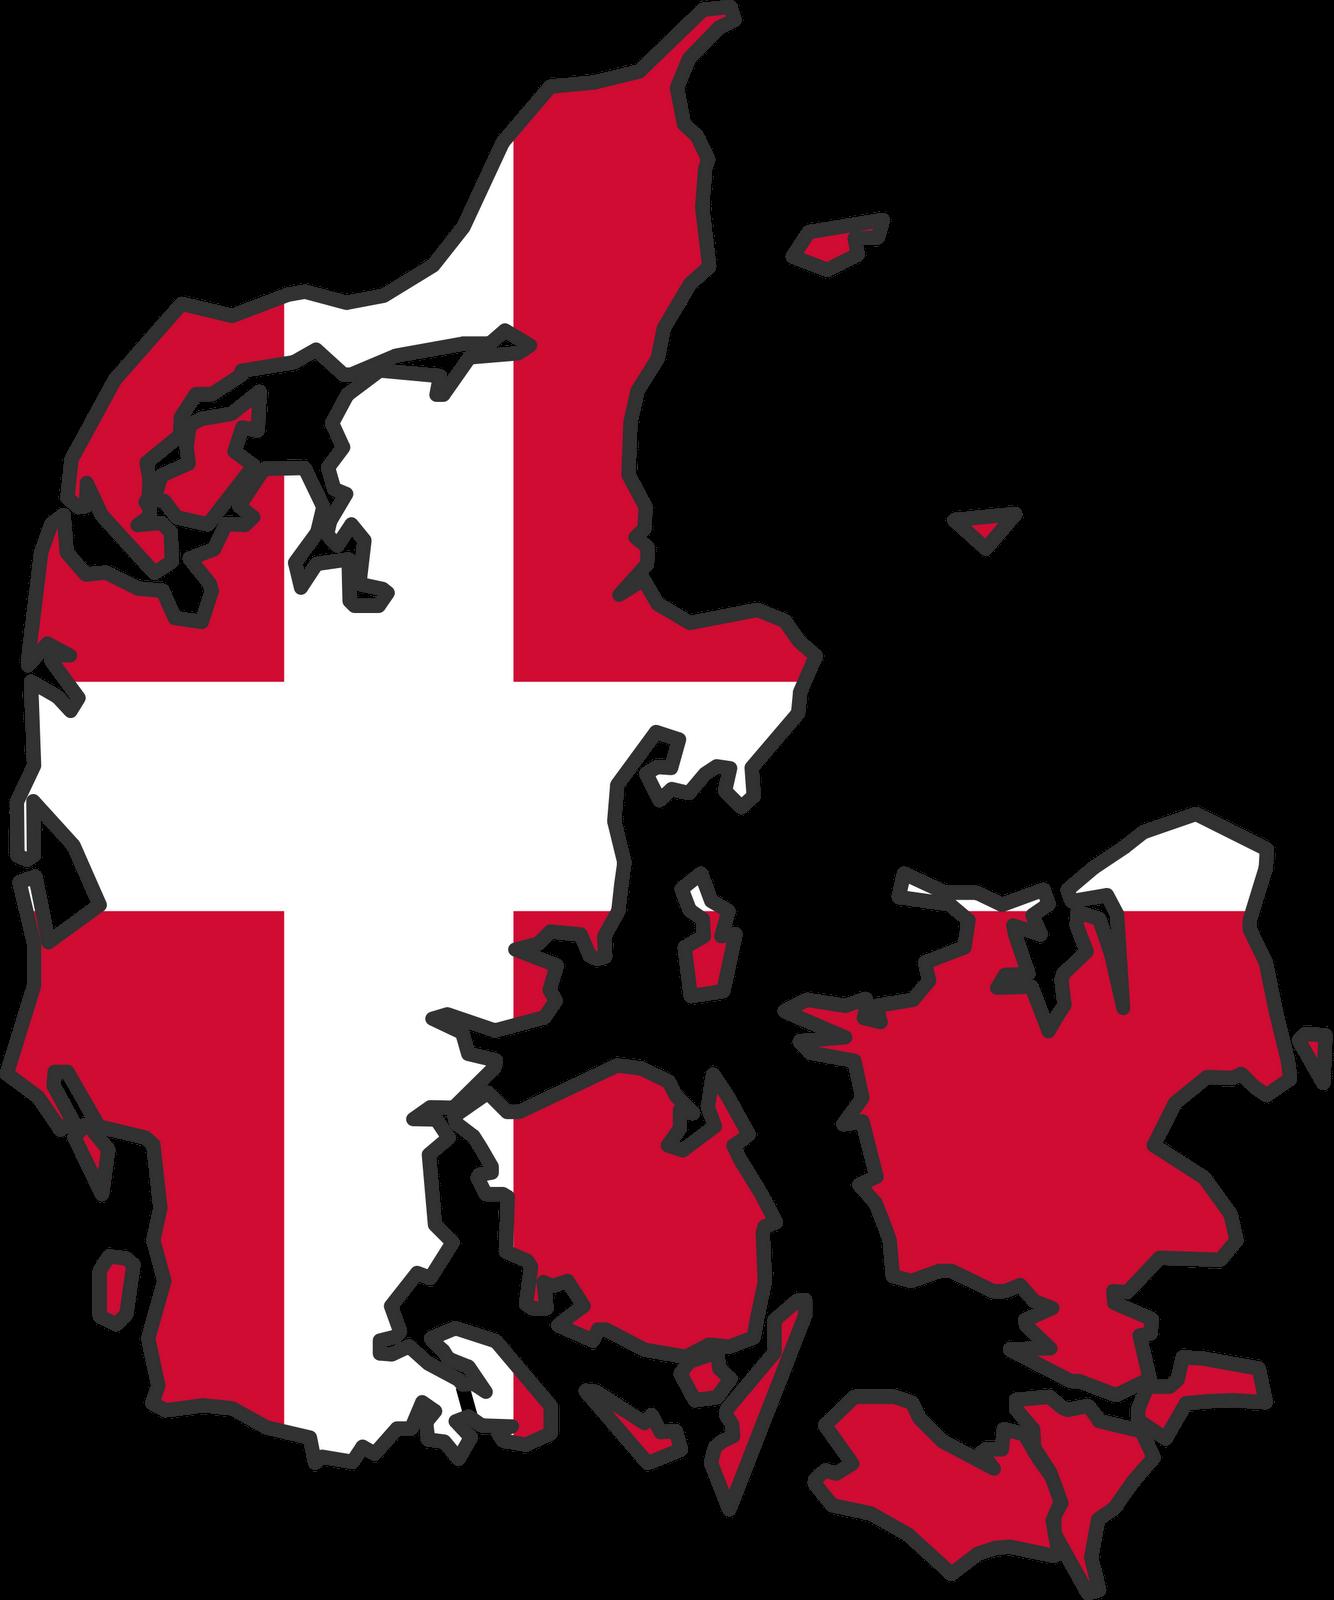 clip art flag dansk - photo #48